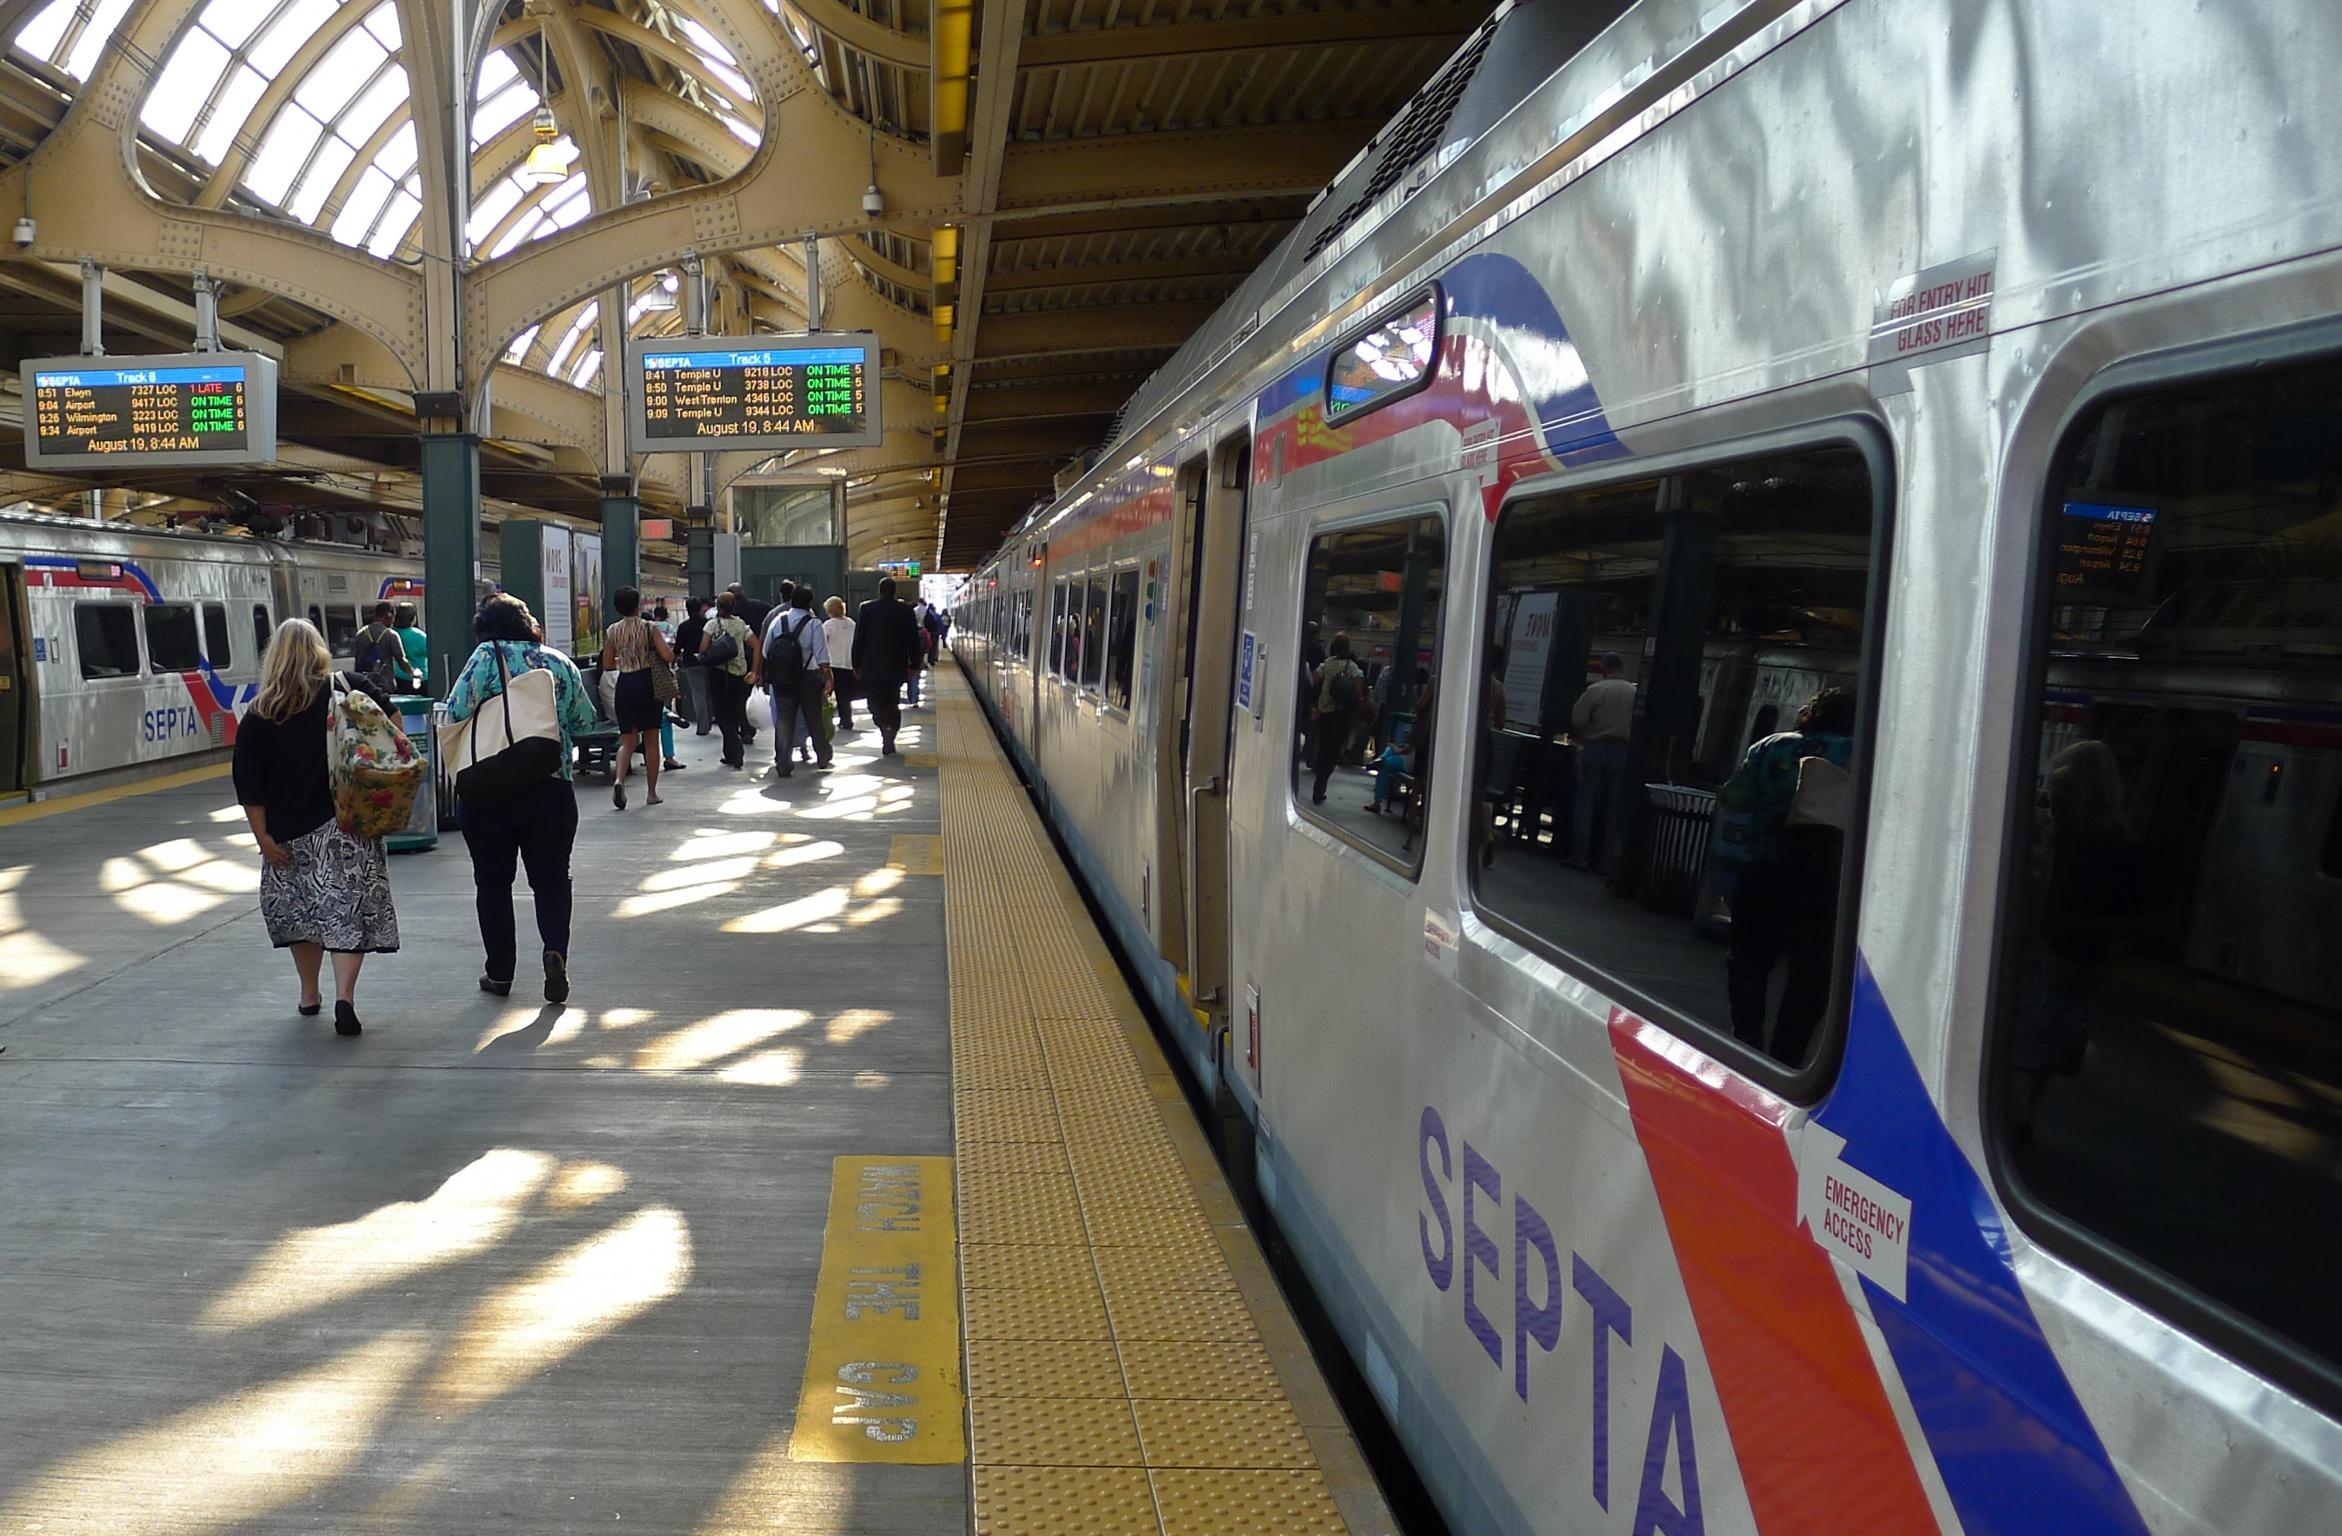 Passengers boarding a SEPTA train in Philadelphia.